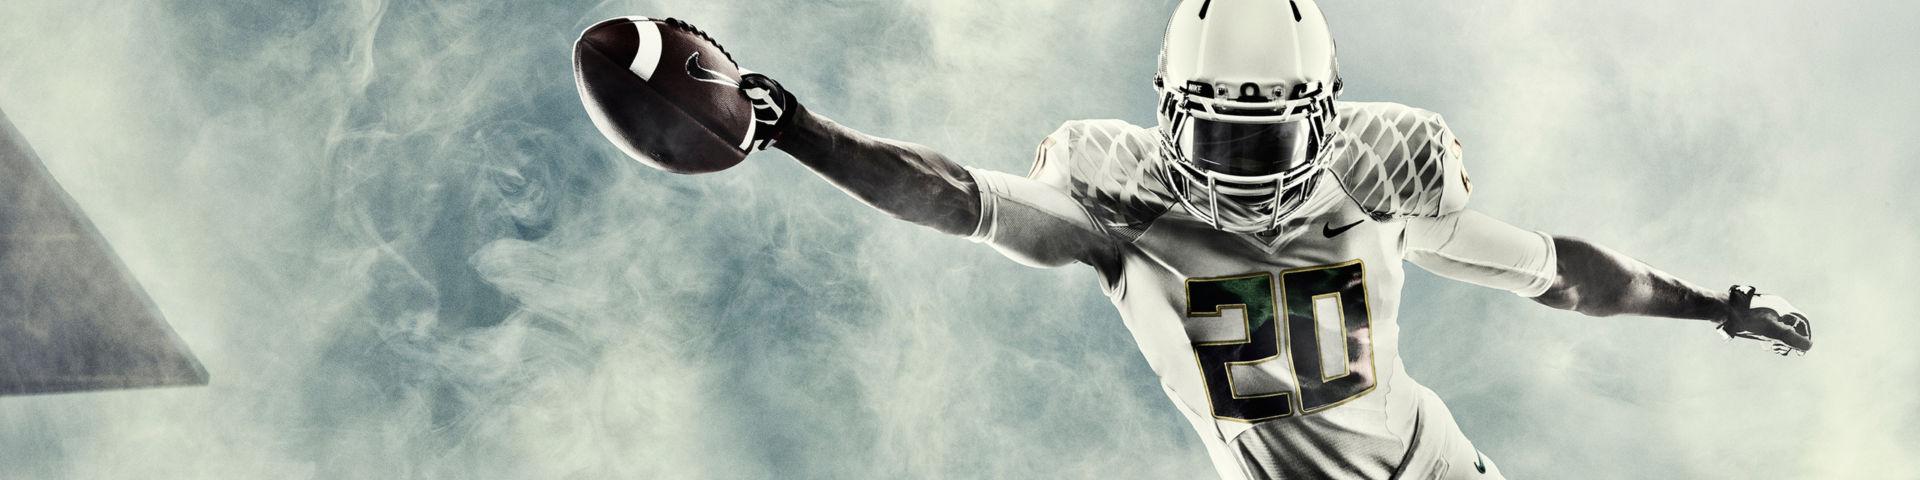 touchdown.fi